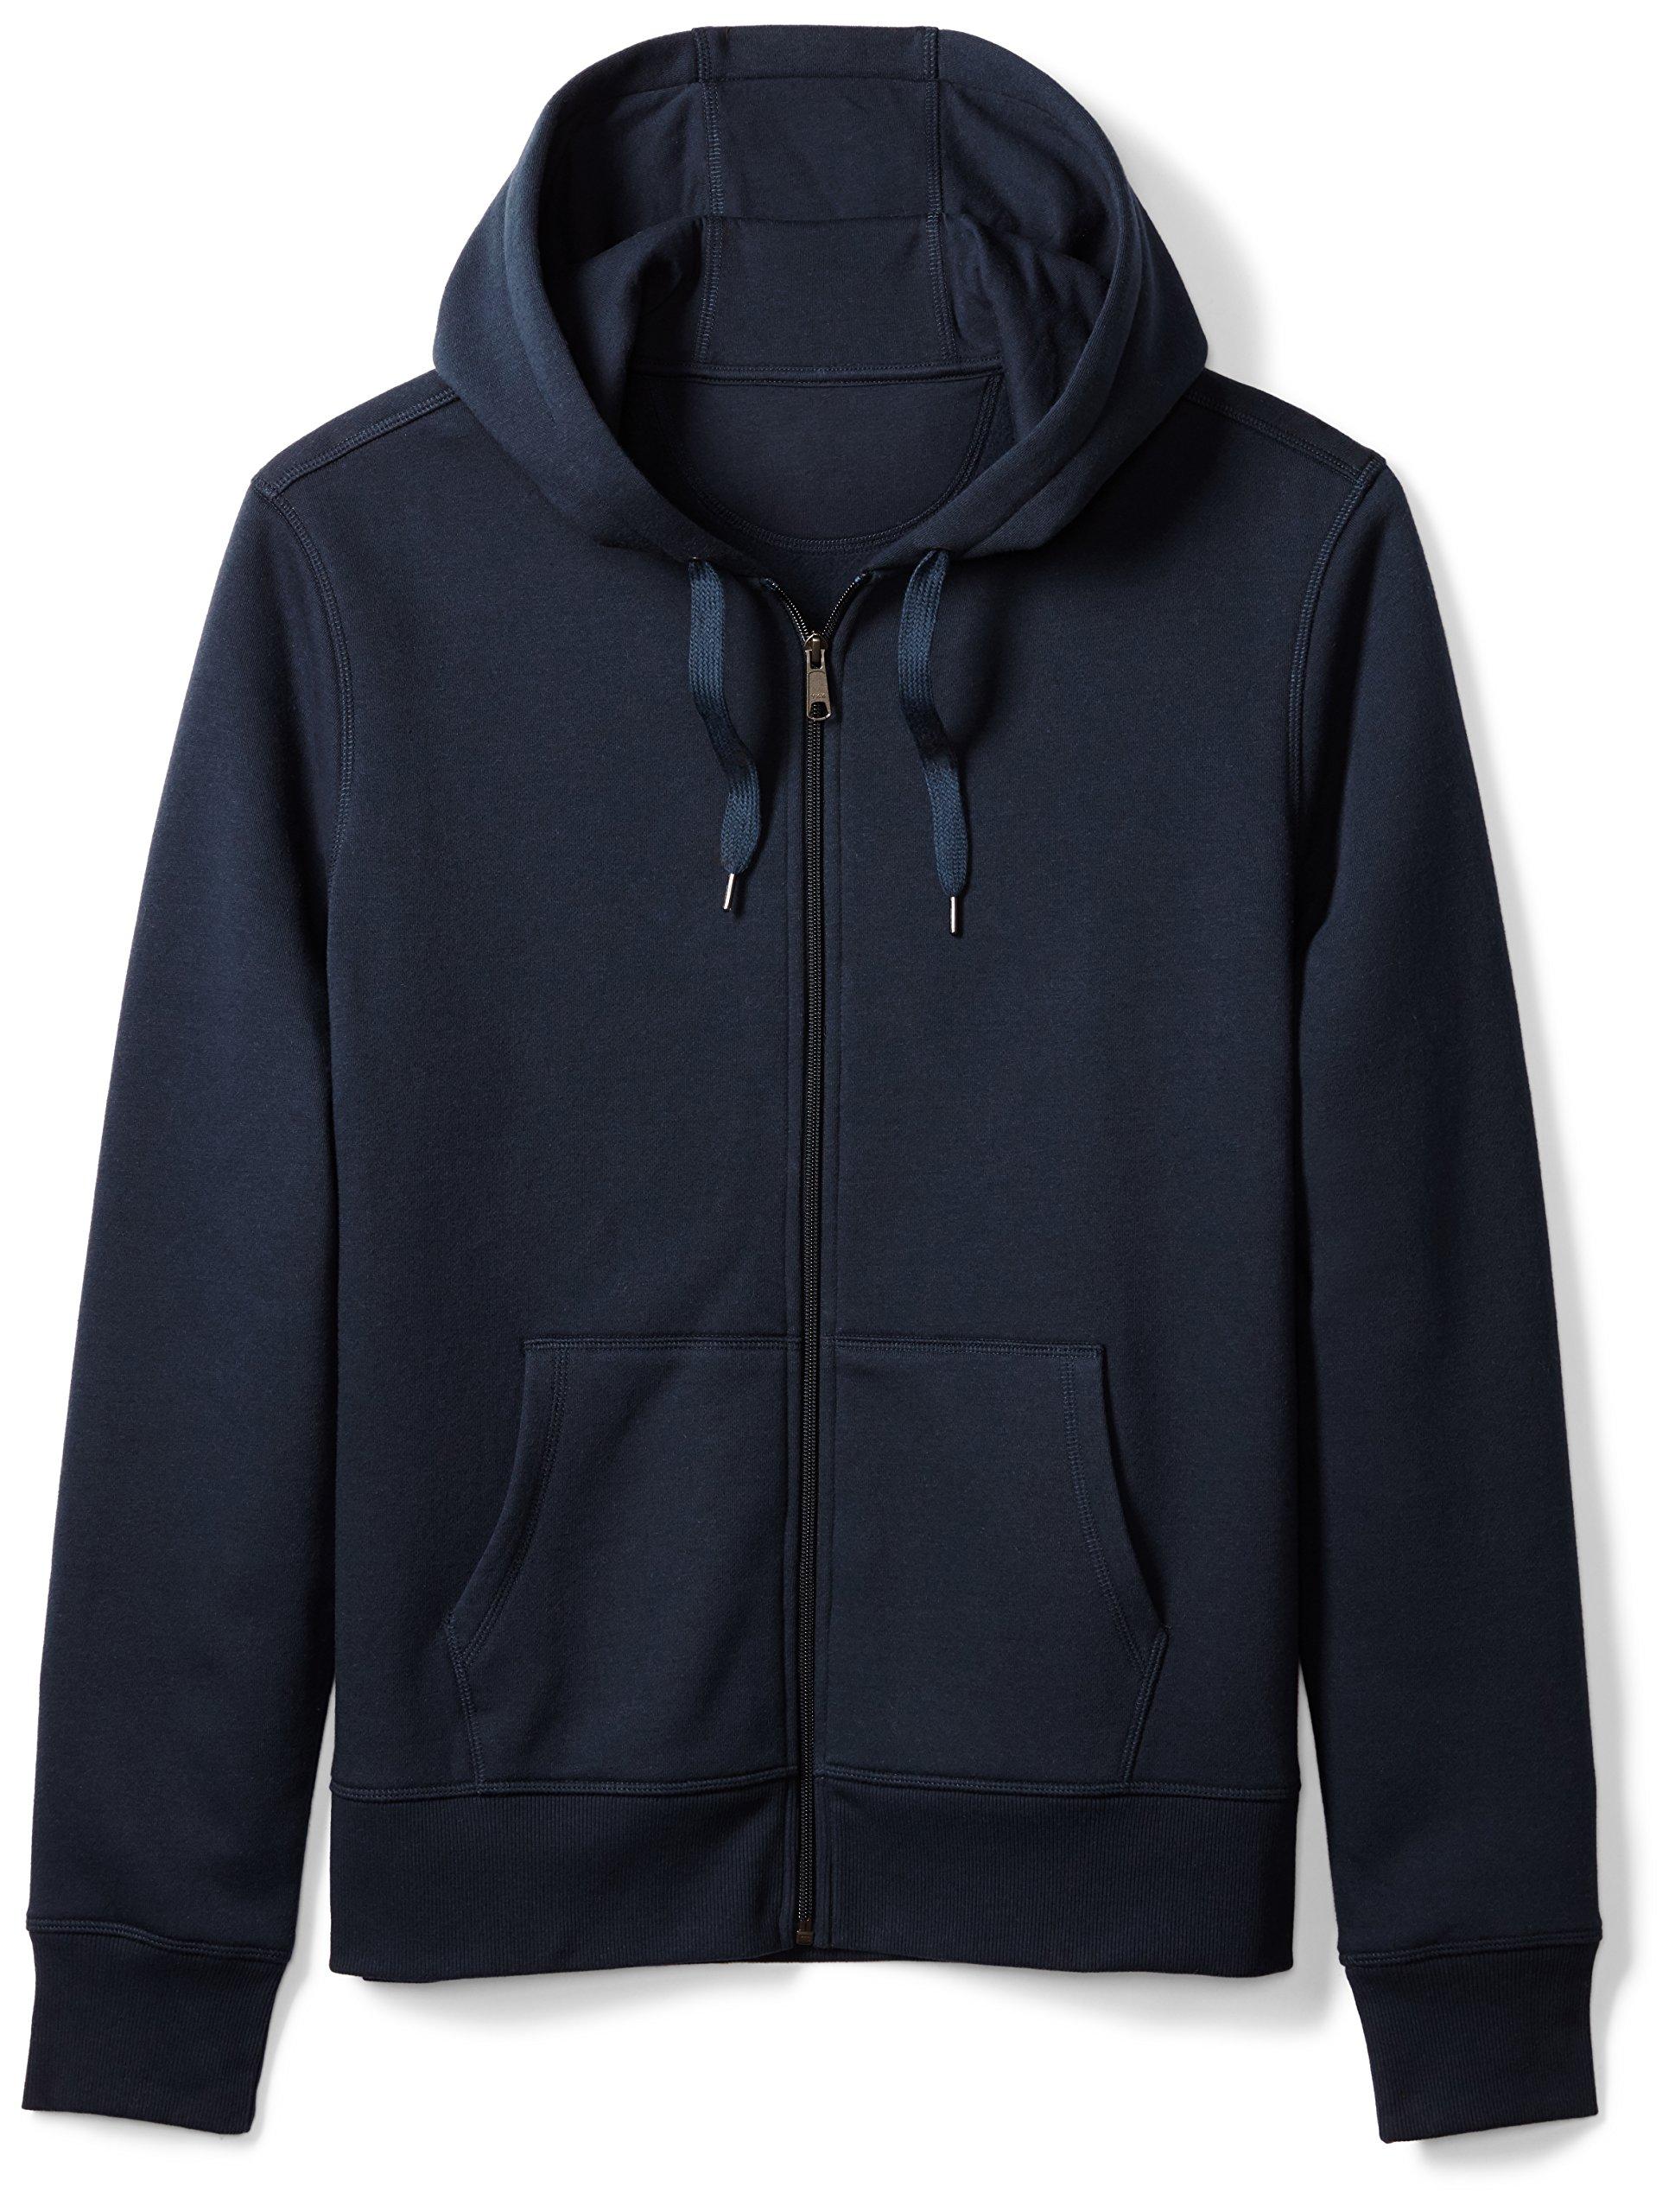 Amazon Essentials Men's Full-Zip Hooded Fleece Sweatshirt, Navy, Medium by Amazon Essentials